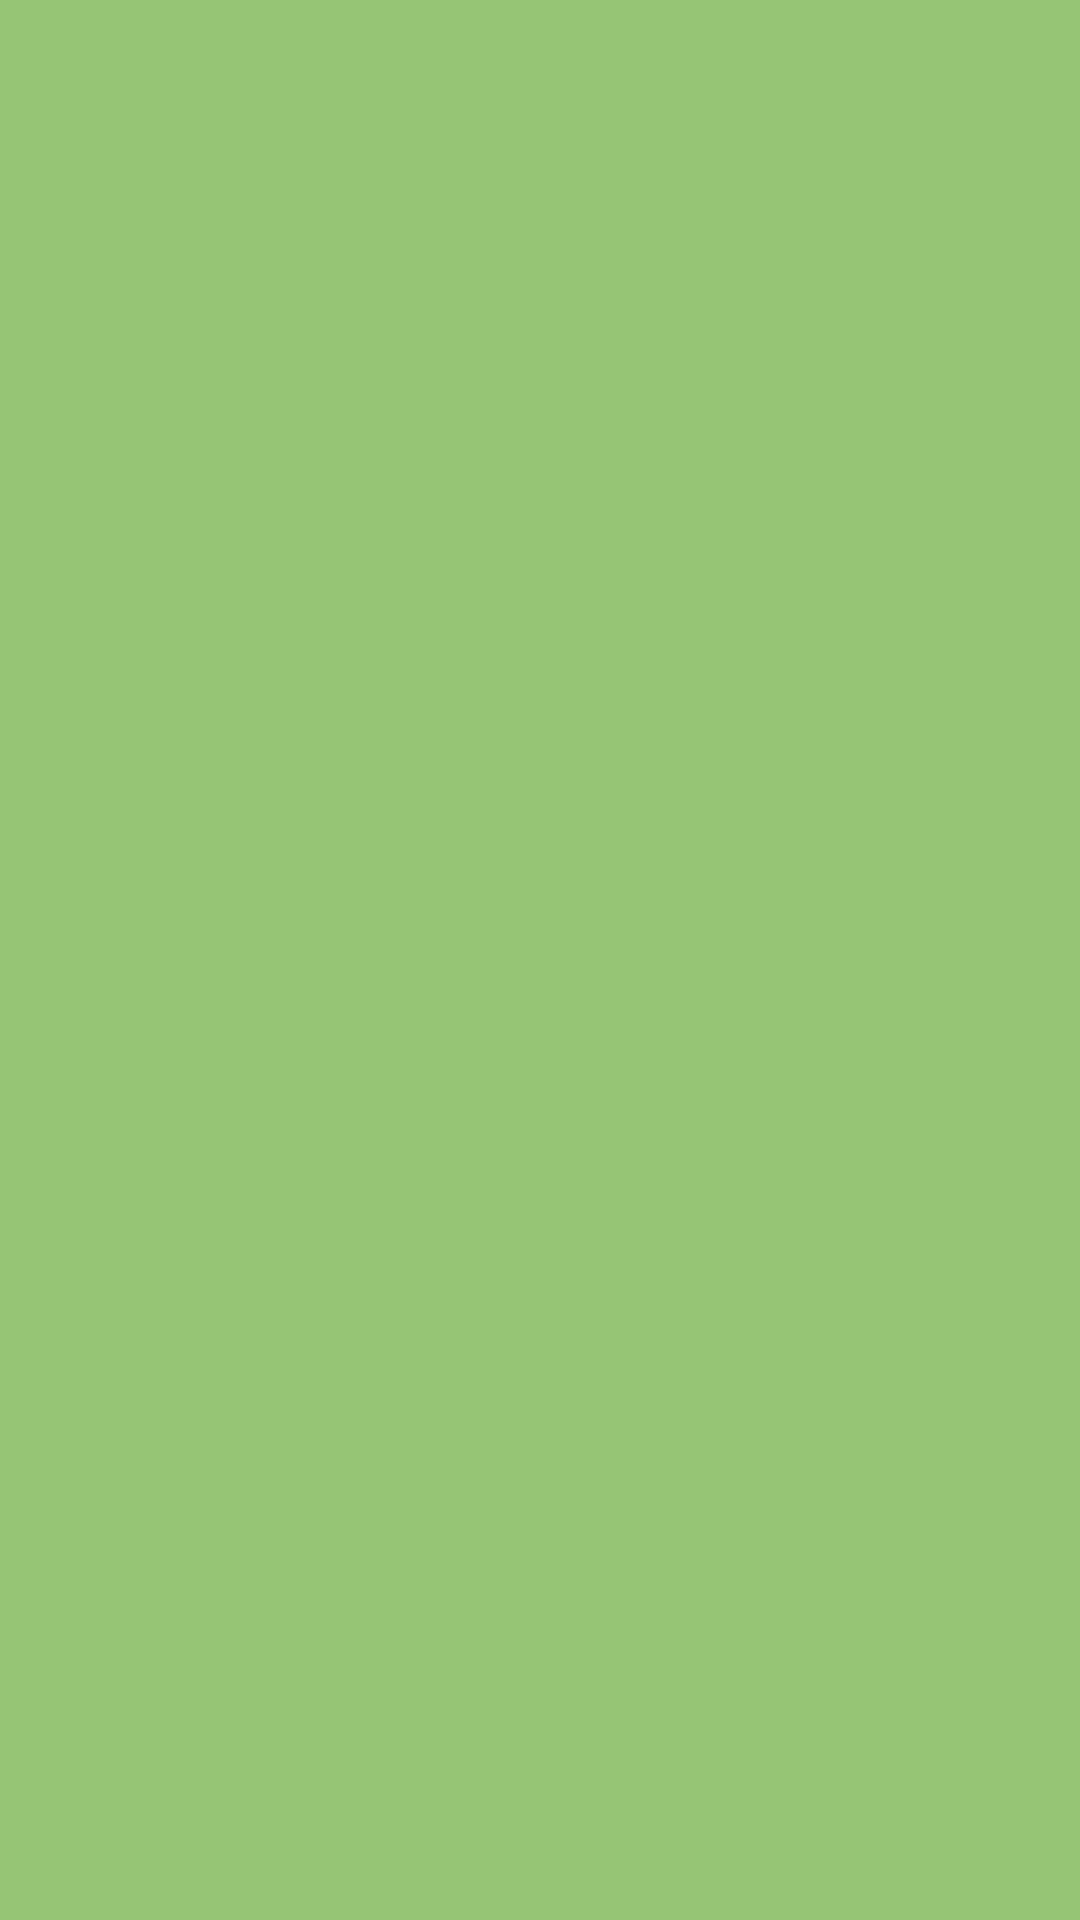 1080x1920 Pistachio Solid Color Background